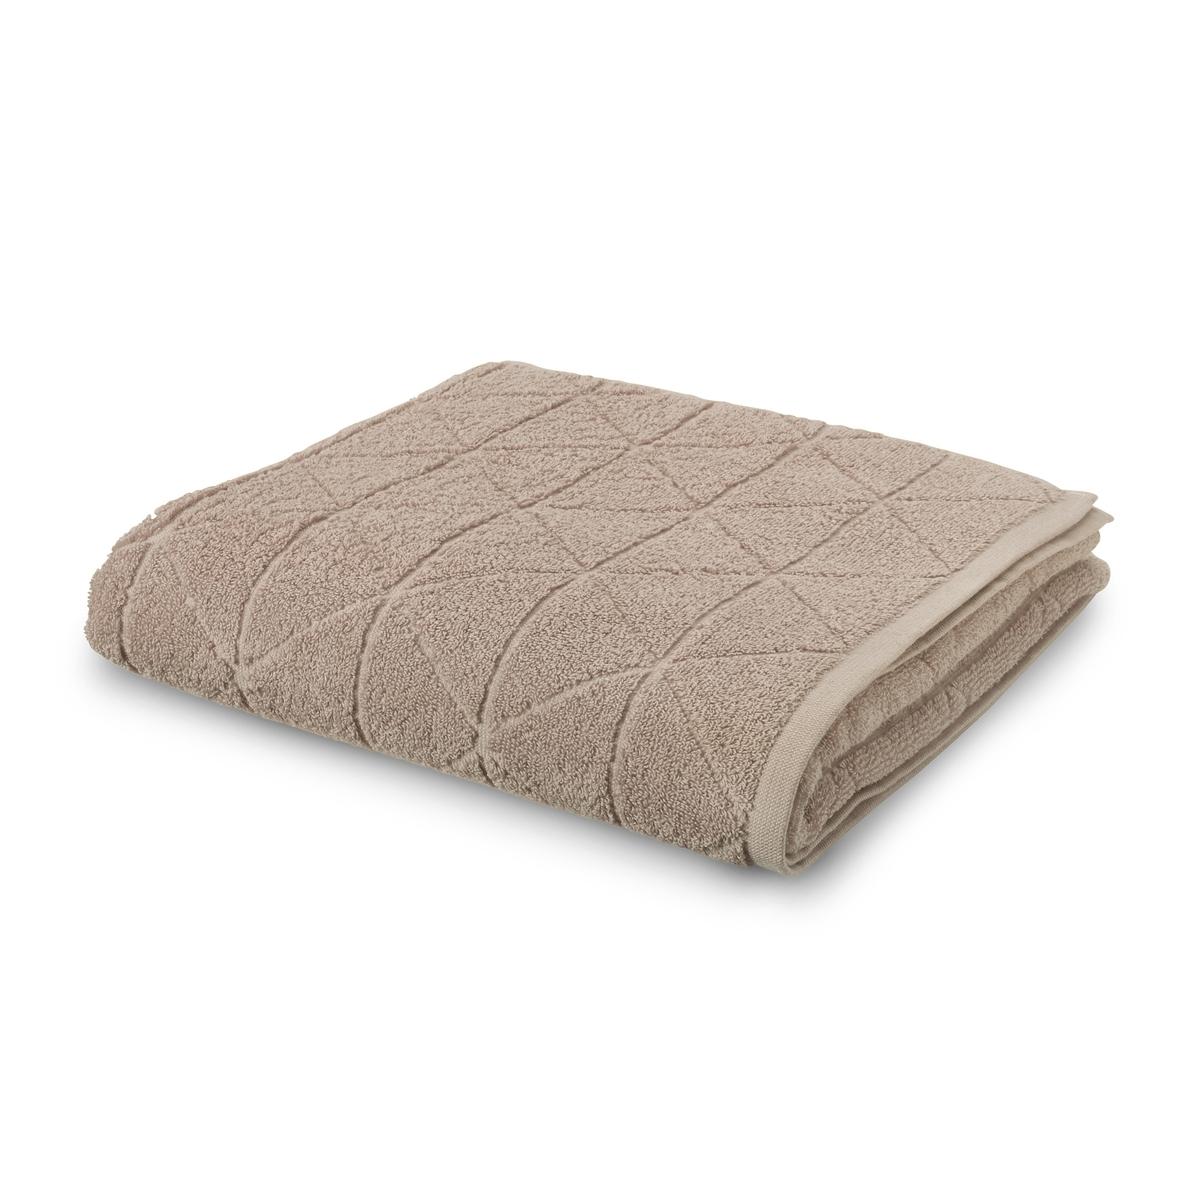 Полотенце La Redoute Для рук с узором гм SCENARIO 50 x 100 см бежевый полотенце la redoute для рук из махровой ткани хлопок с люверсом единый размер бежевый